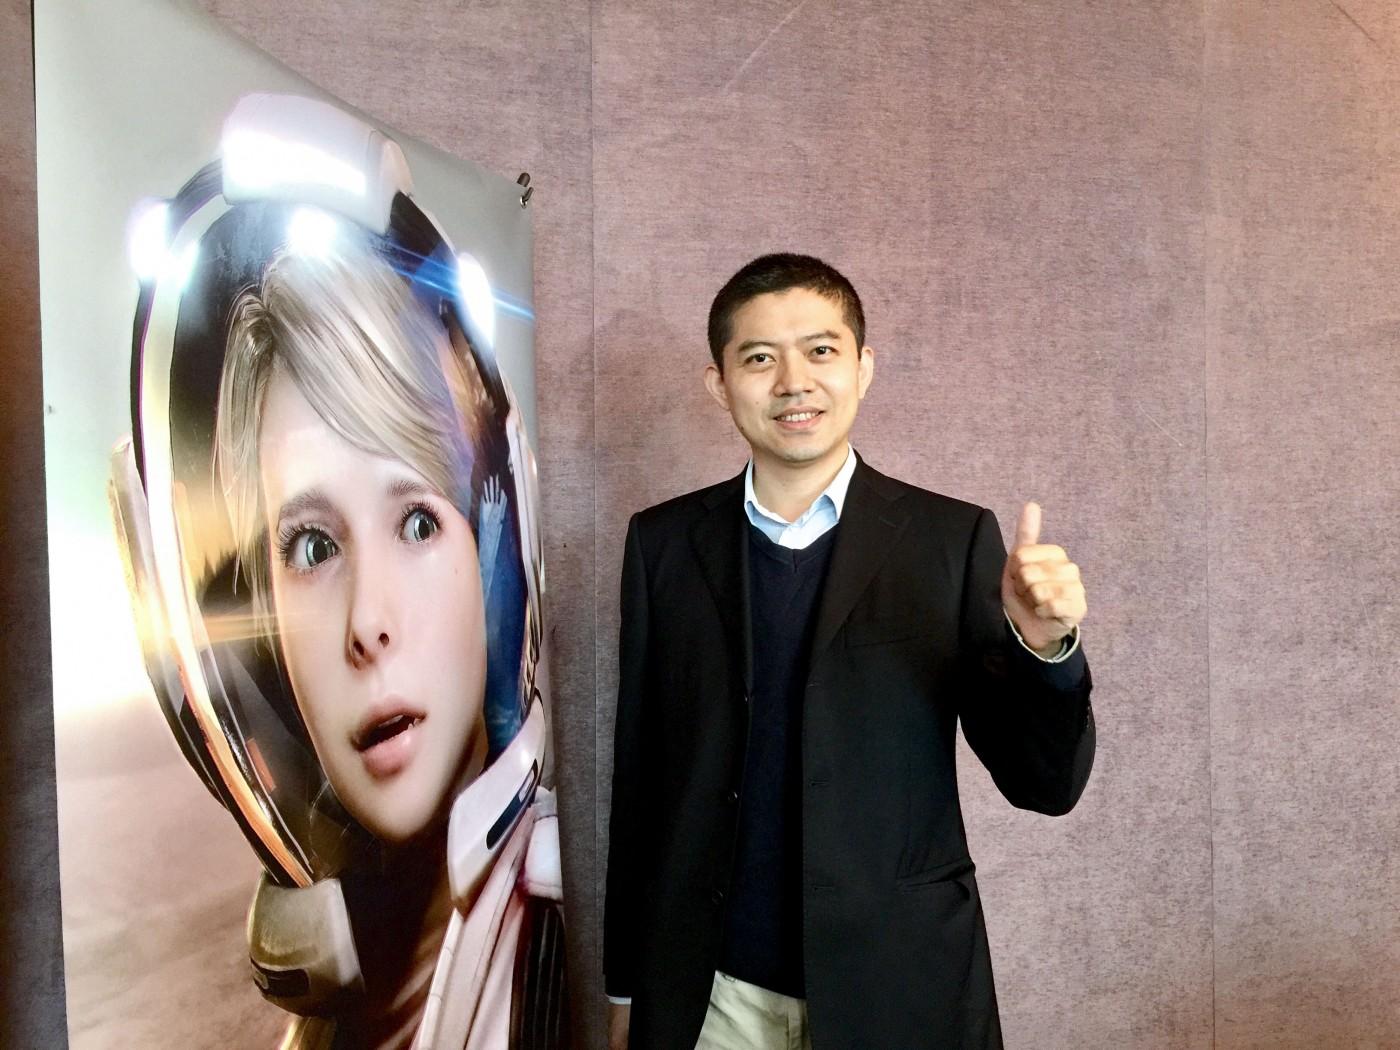 「台灣的優勢可能只剩一年!」唯晶科技押寶VR遊戲,目標年底啟動上櫃